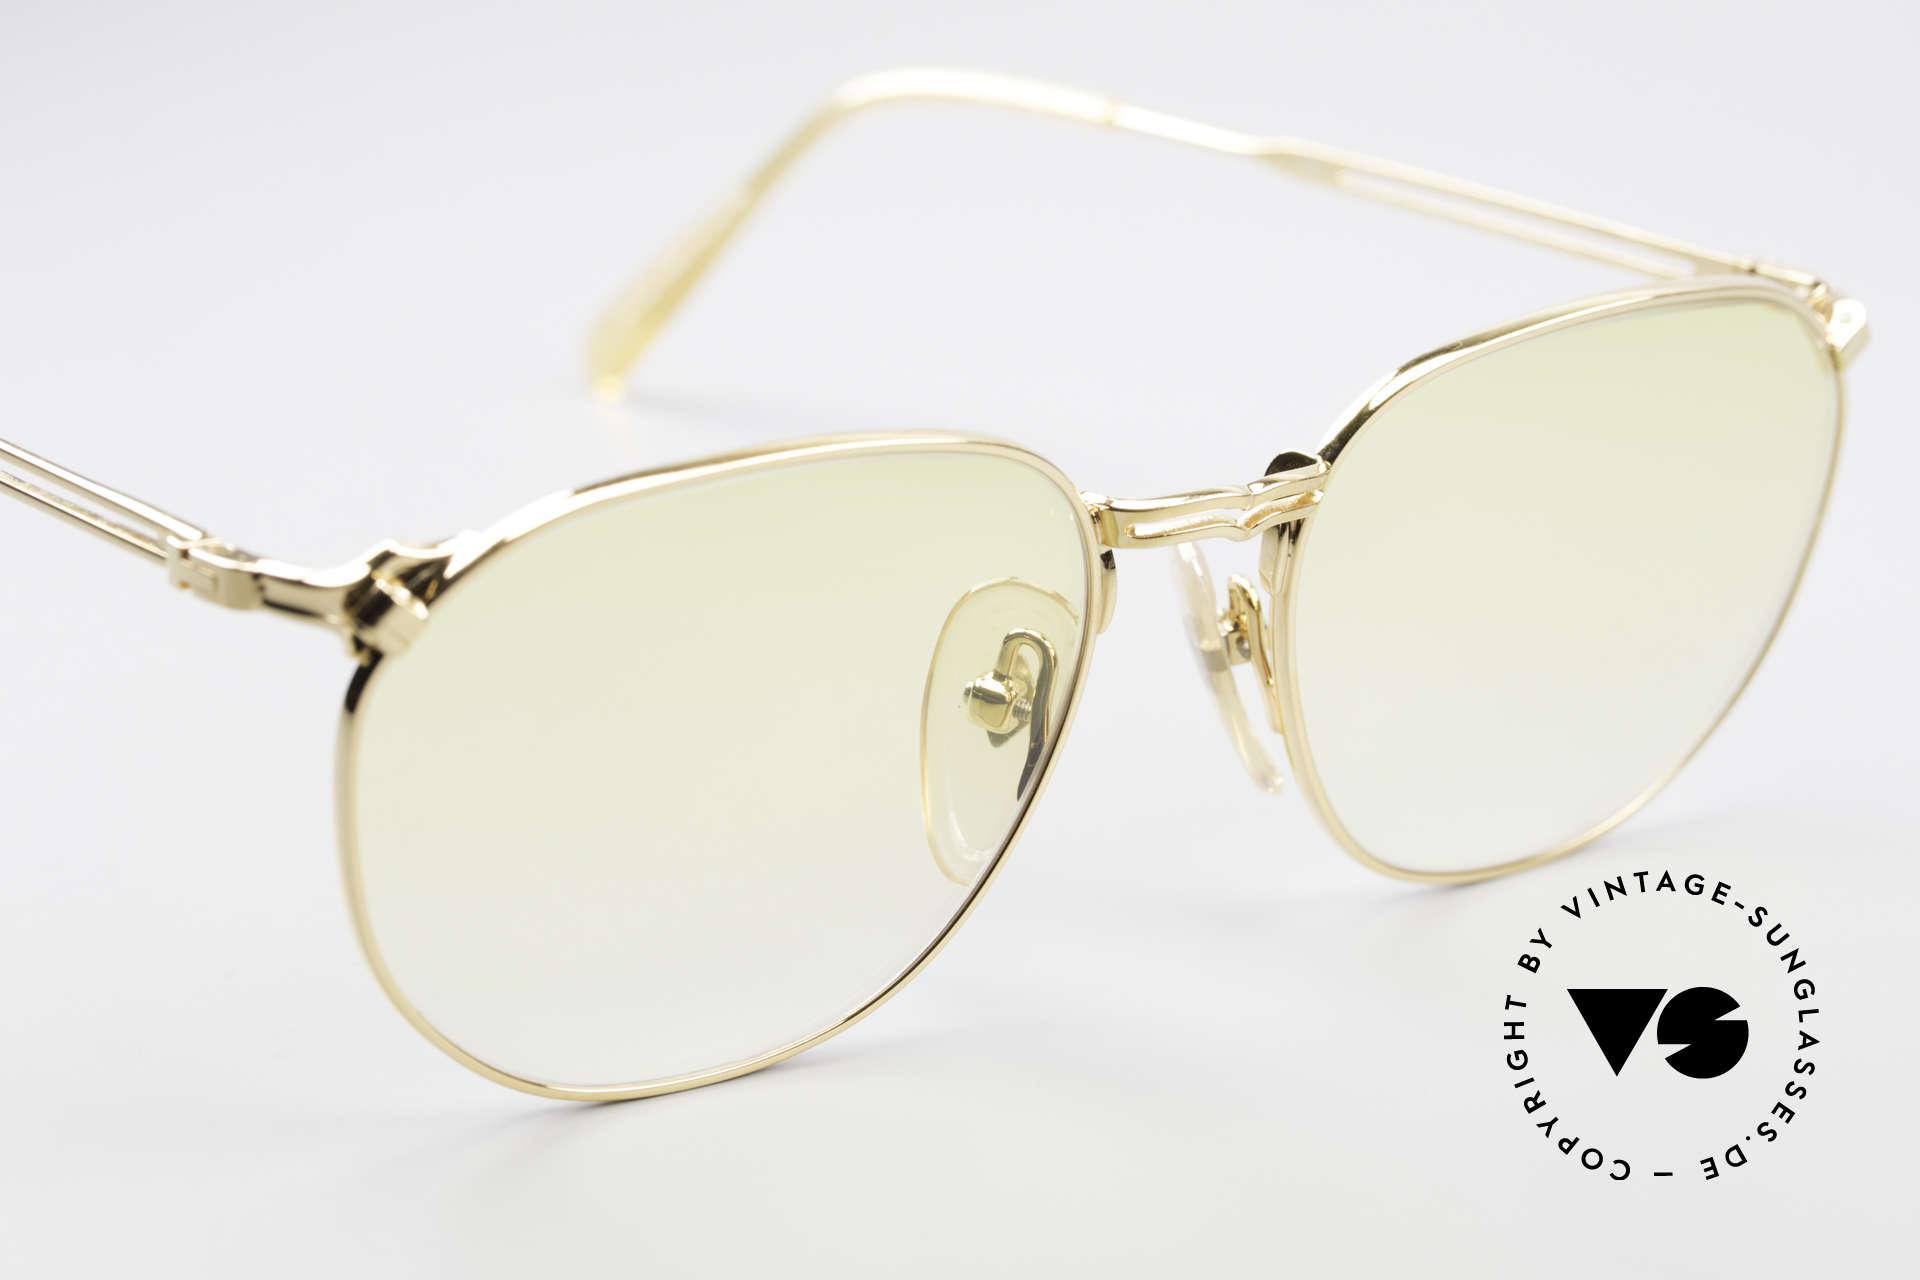 Jean Paul Gaultier 55-2173 Vergoldete Designerbrille, ungetragen (wie alle unsere vintage GAULTIER Brillen), Passend für Herren und Damen